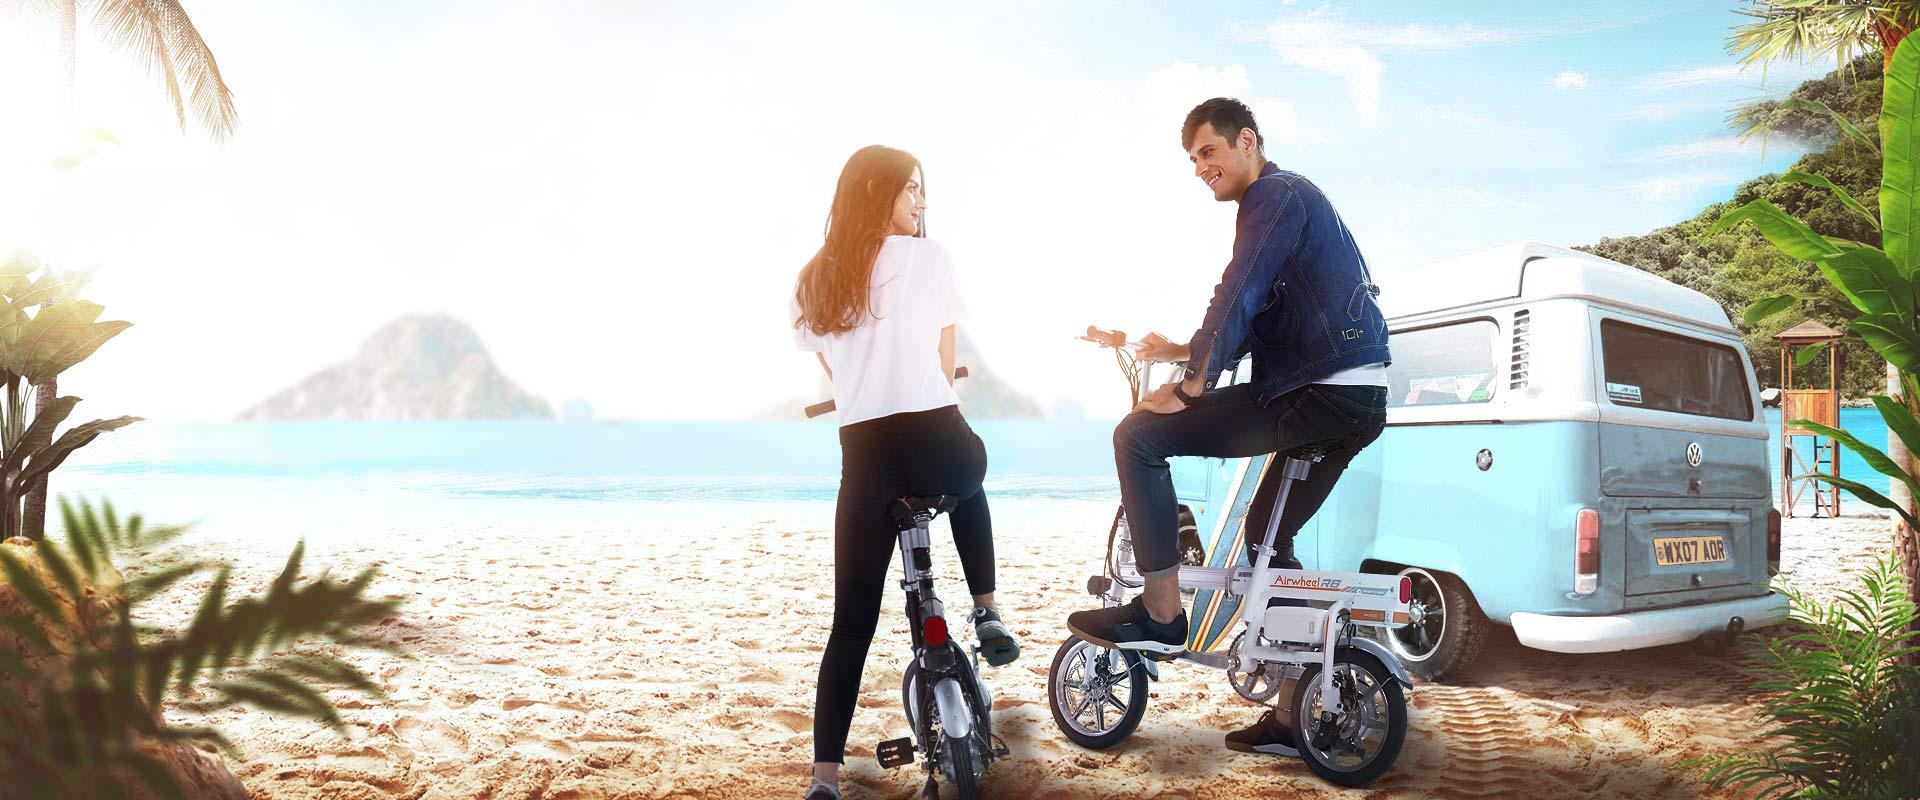 Airwheel R6 Умный электрический велосипед